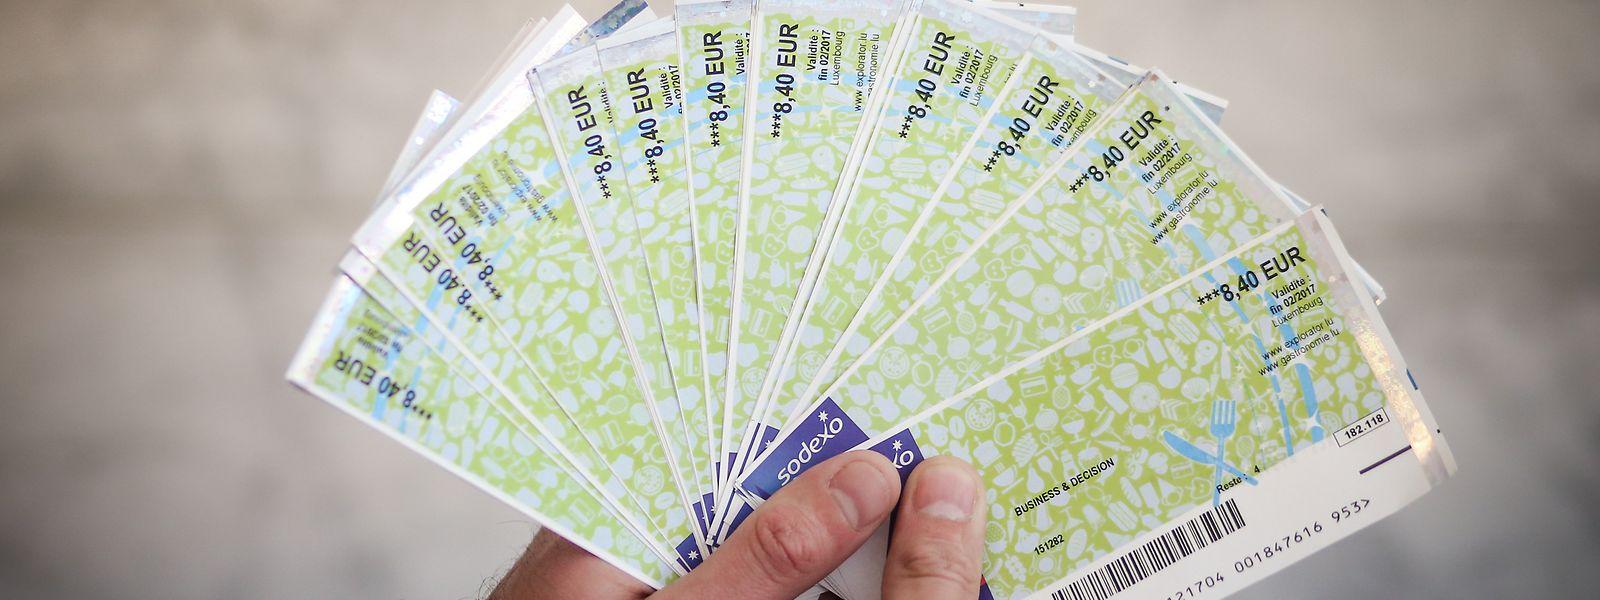 Parmi les revendications de la fédération Horesca figurent notamment la revalorisation de la valeur faciale des tickets-repas ainsi que leur octroi à l'ensemble des salariés.